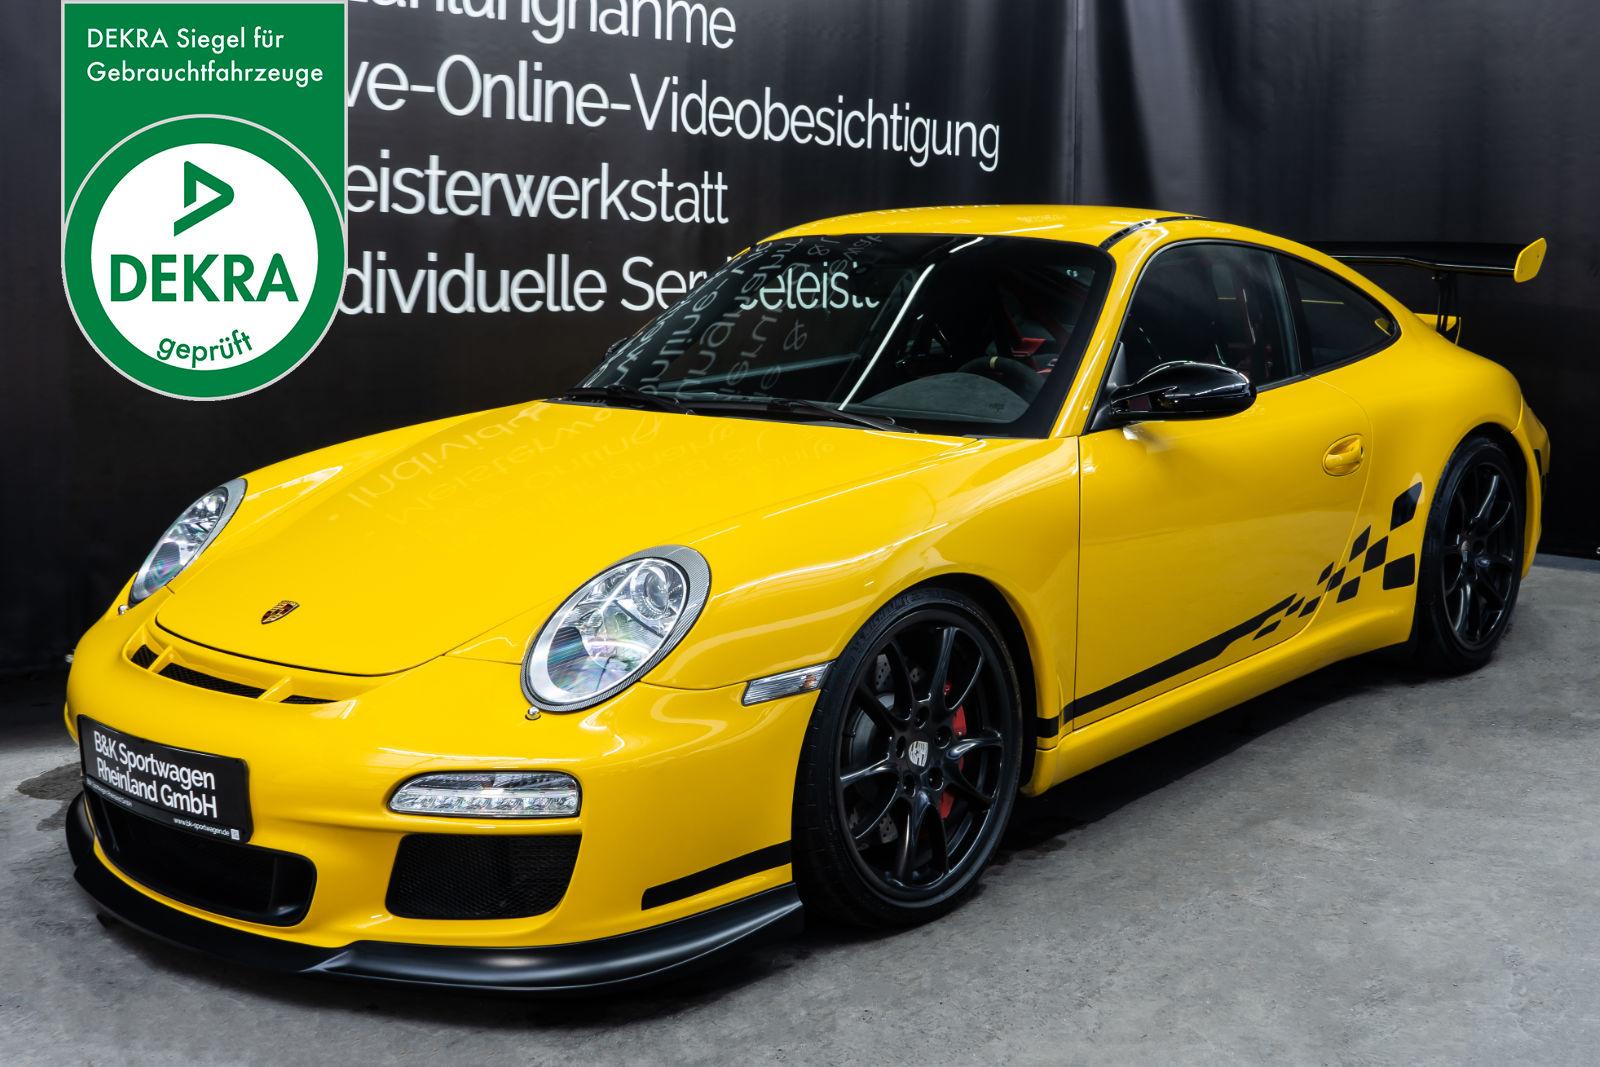 Porsche_997_GT3_Gelb_Schwarz_POR-0766_Plakette_w